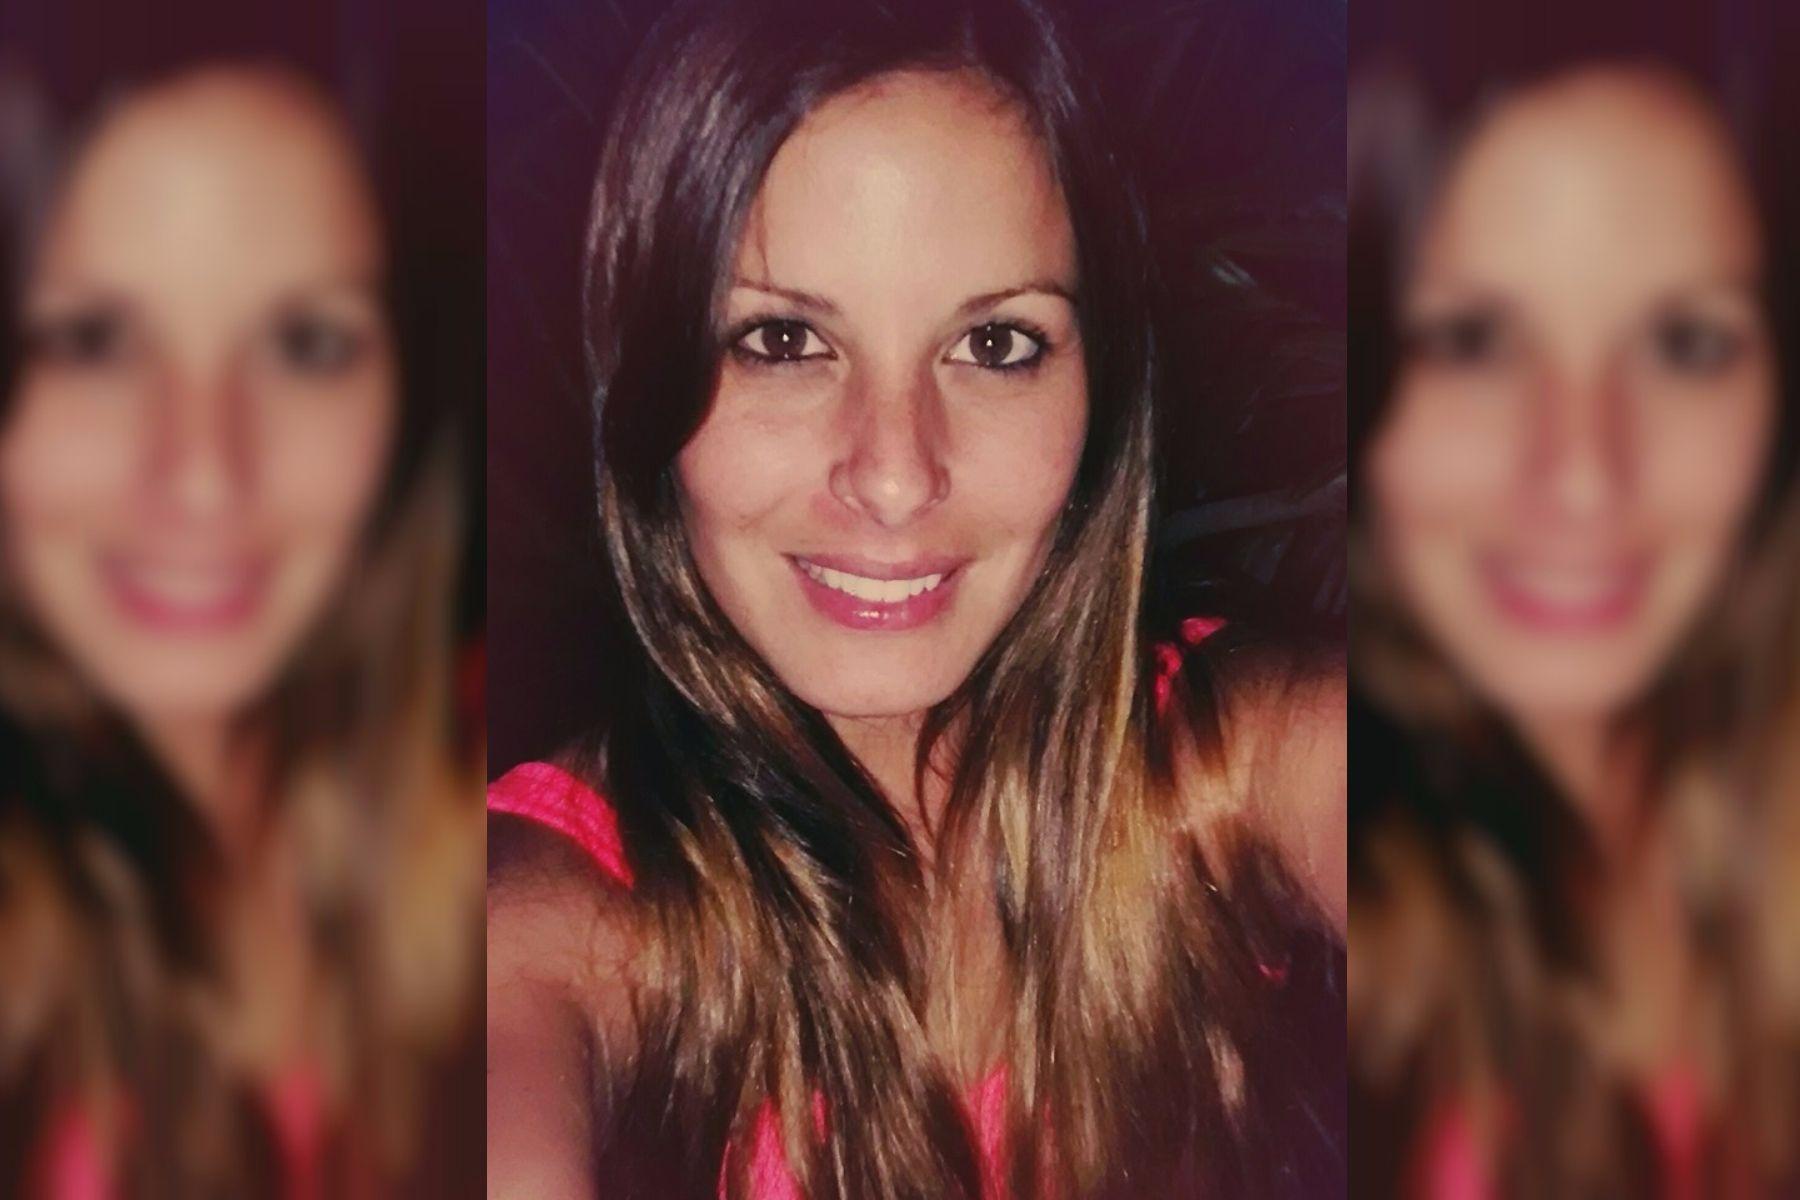 La joven asesinada en Tandil había sido amenaza varias veces por su ex